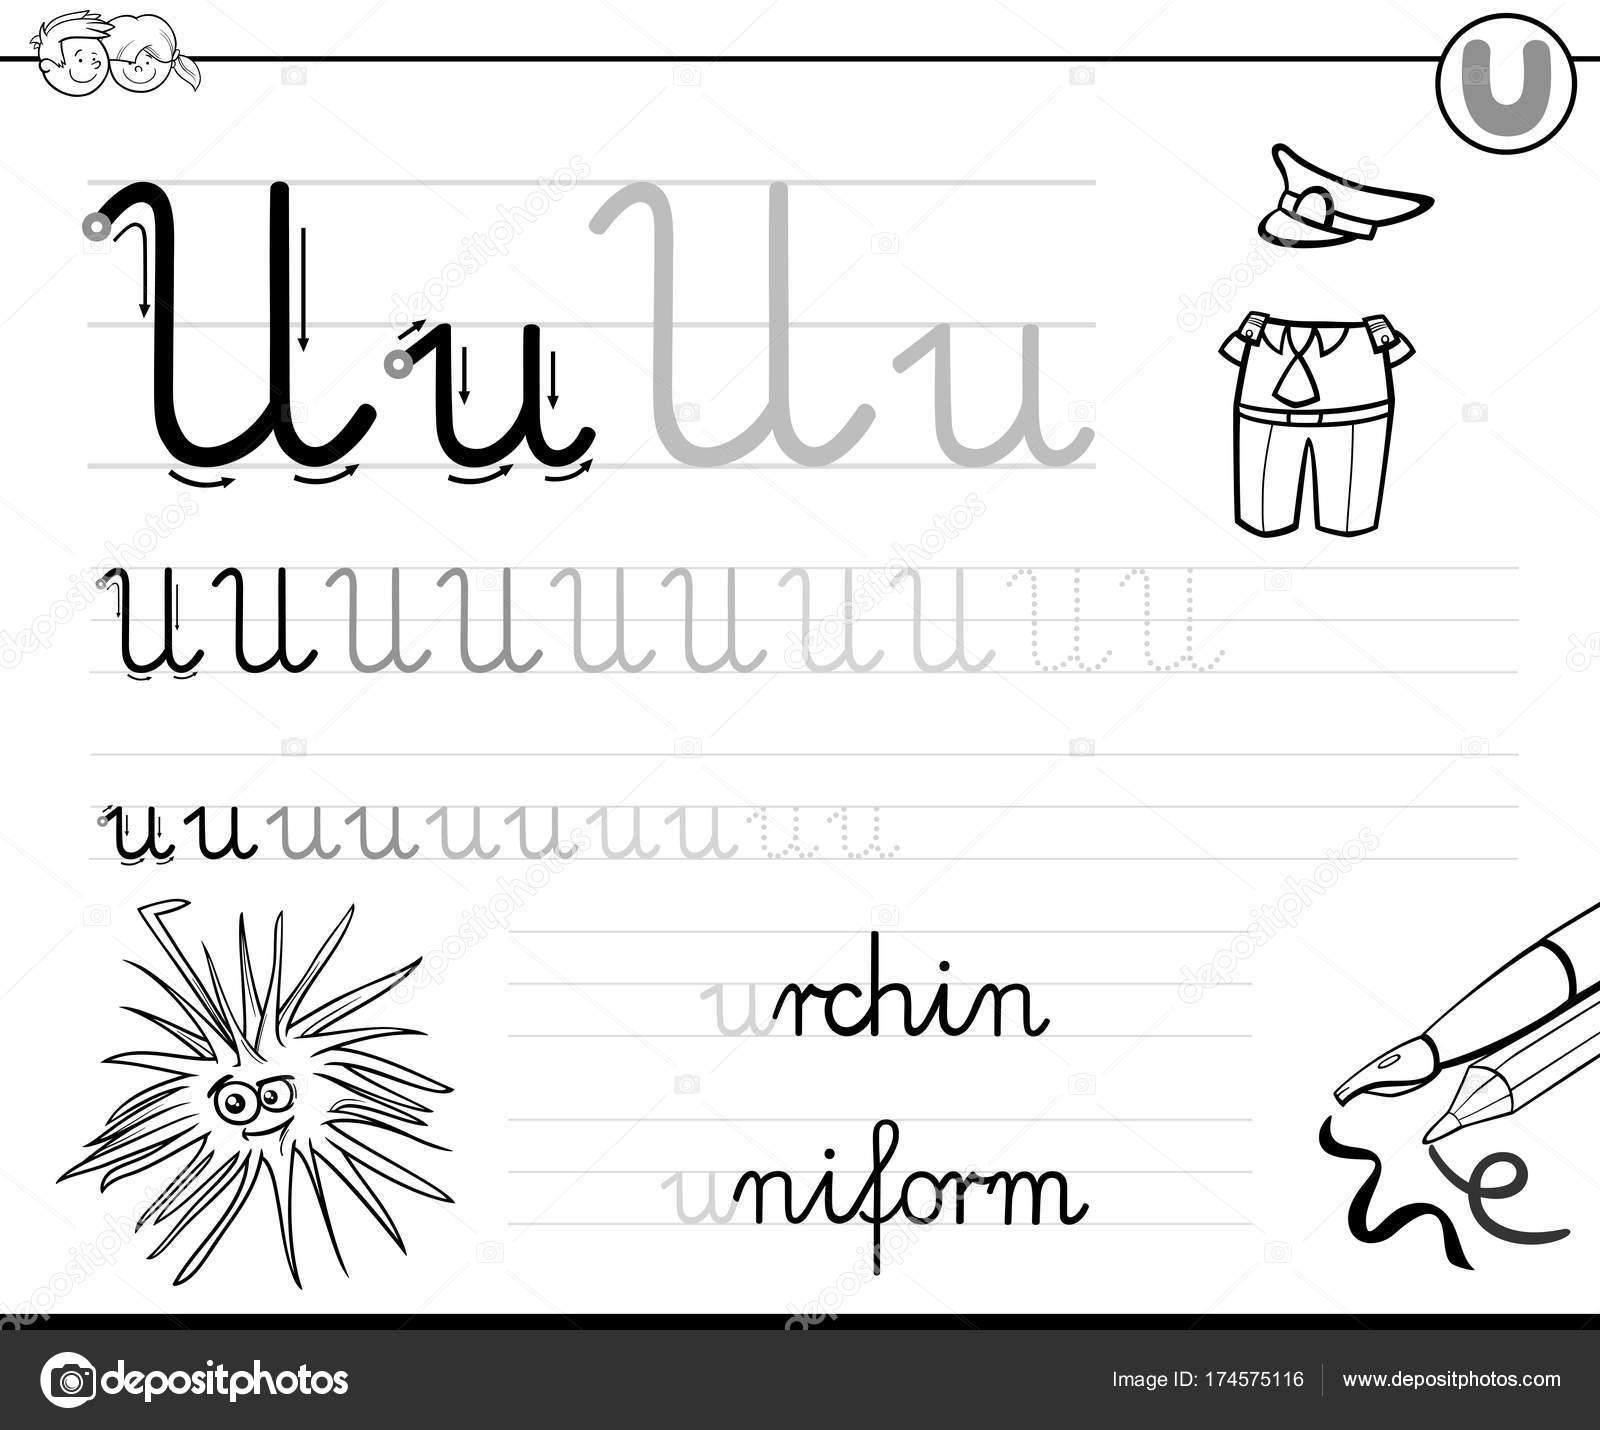 Buchstabe U Arbeitsmappe für Kinder schreiben lernen — Stockvektor ...